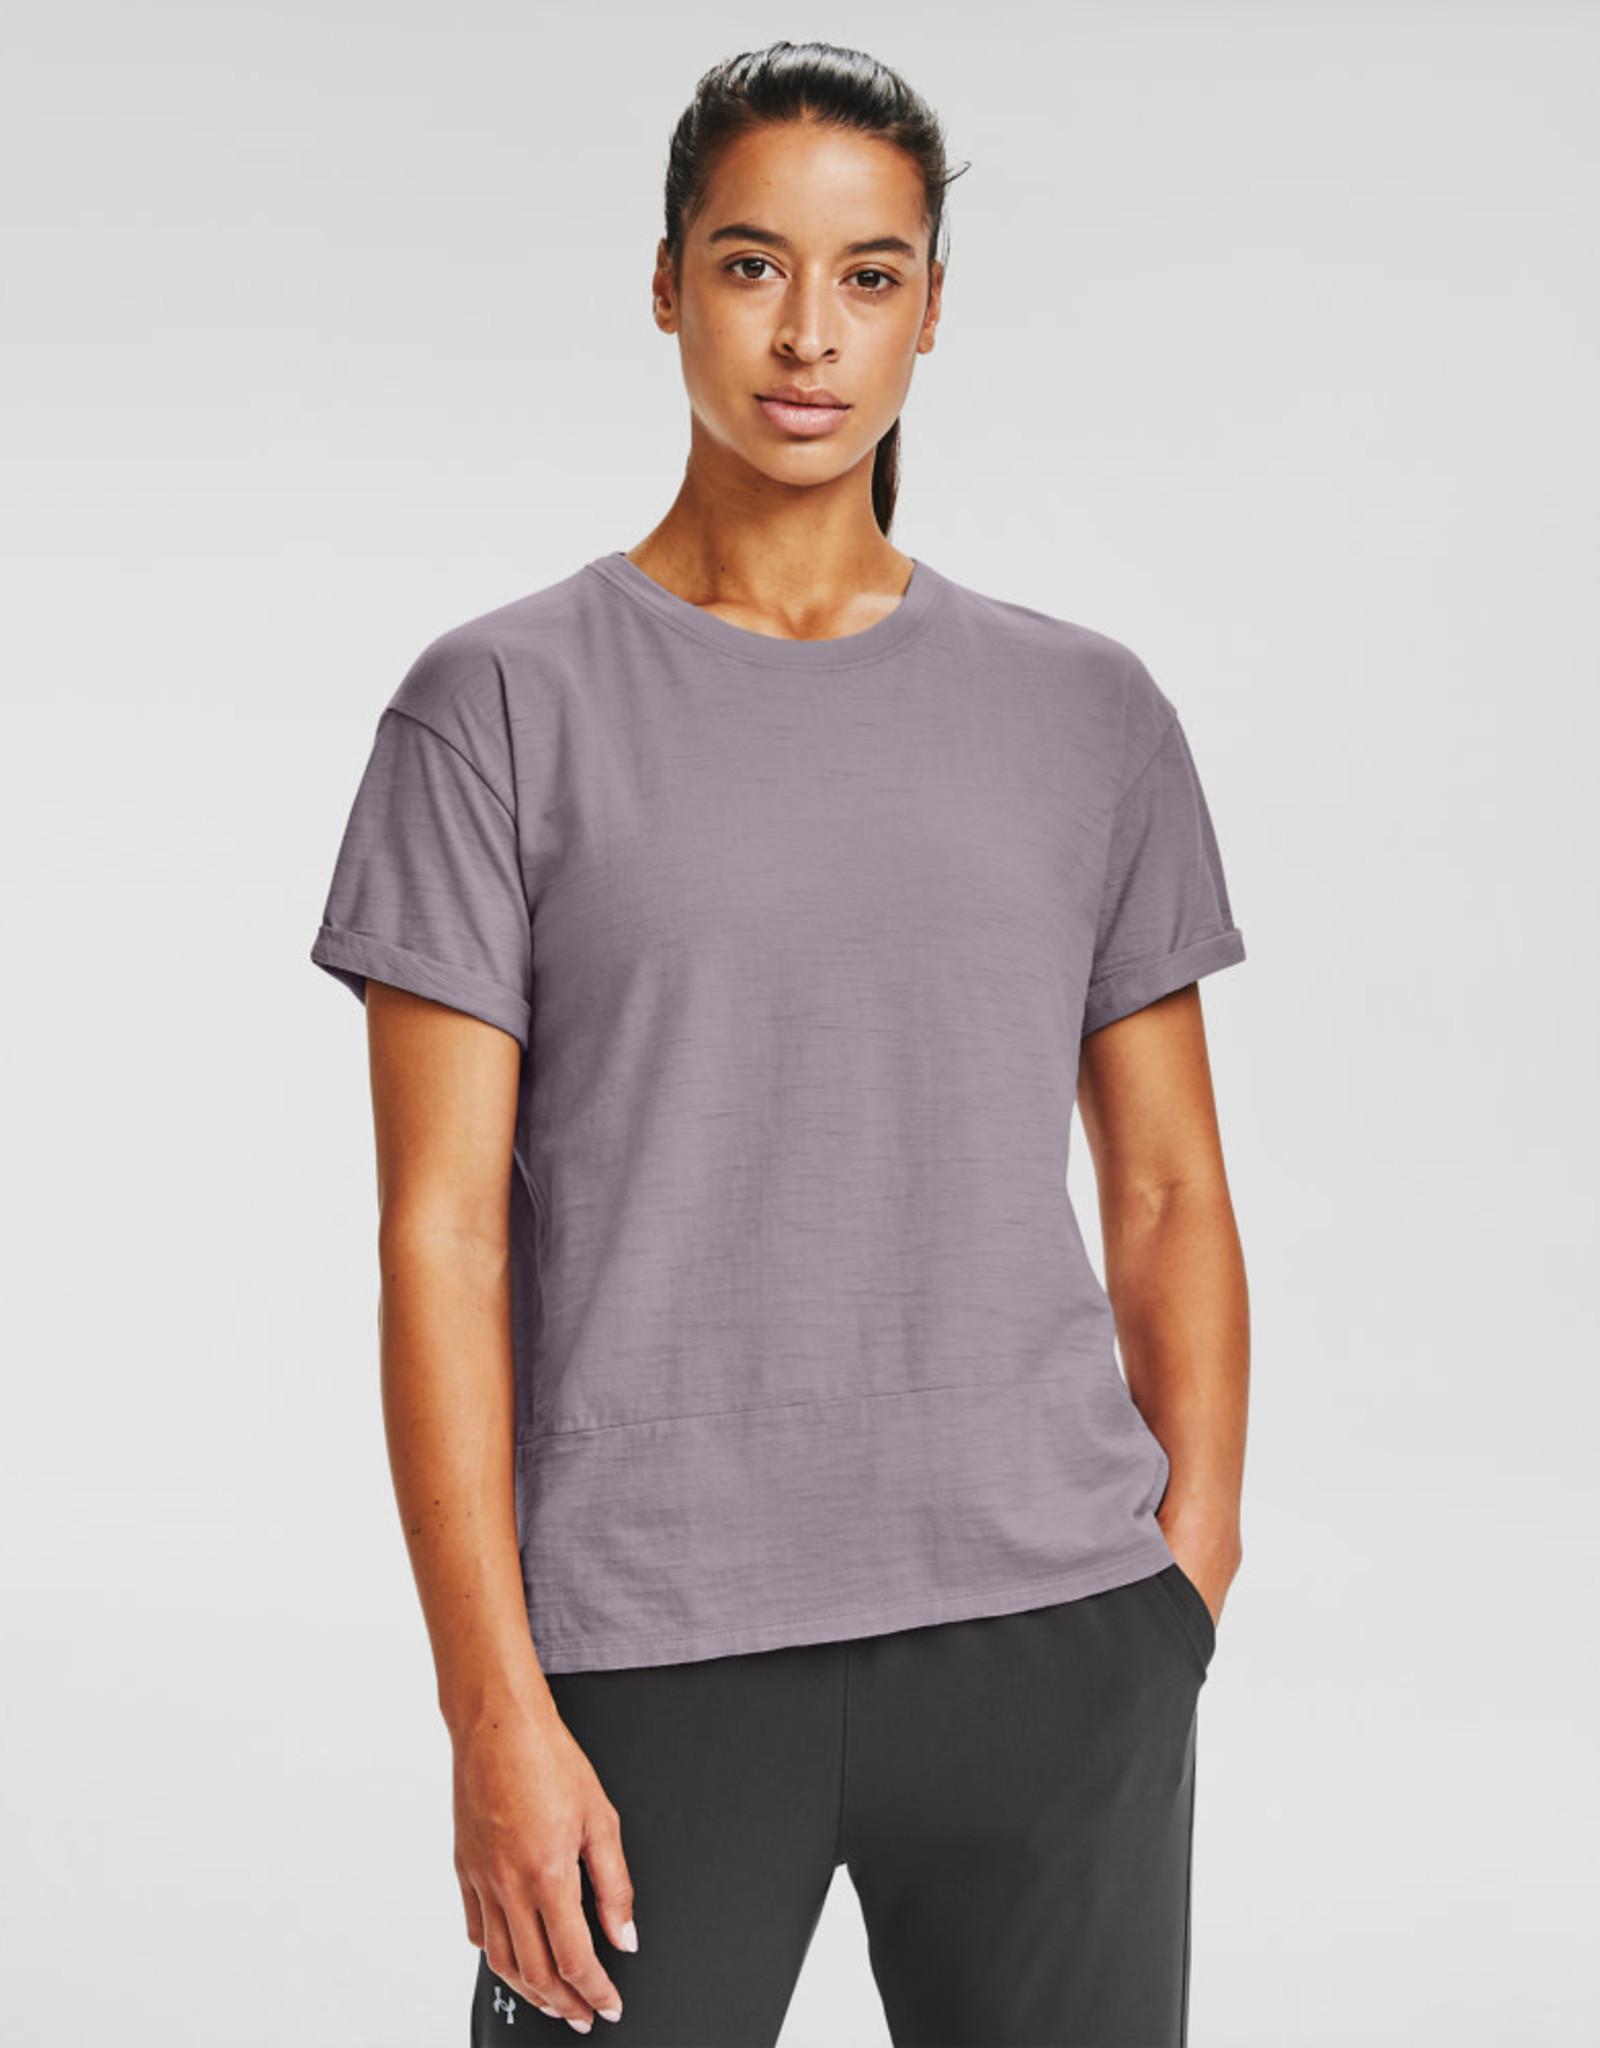 Under Armour UA Charged Cotton SS - Slate Purple-Slate Purple-Black